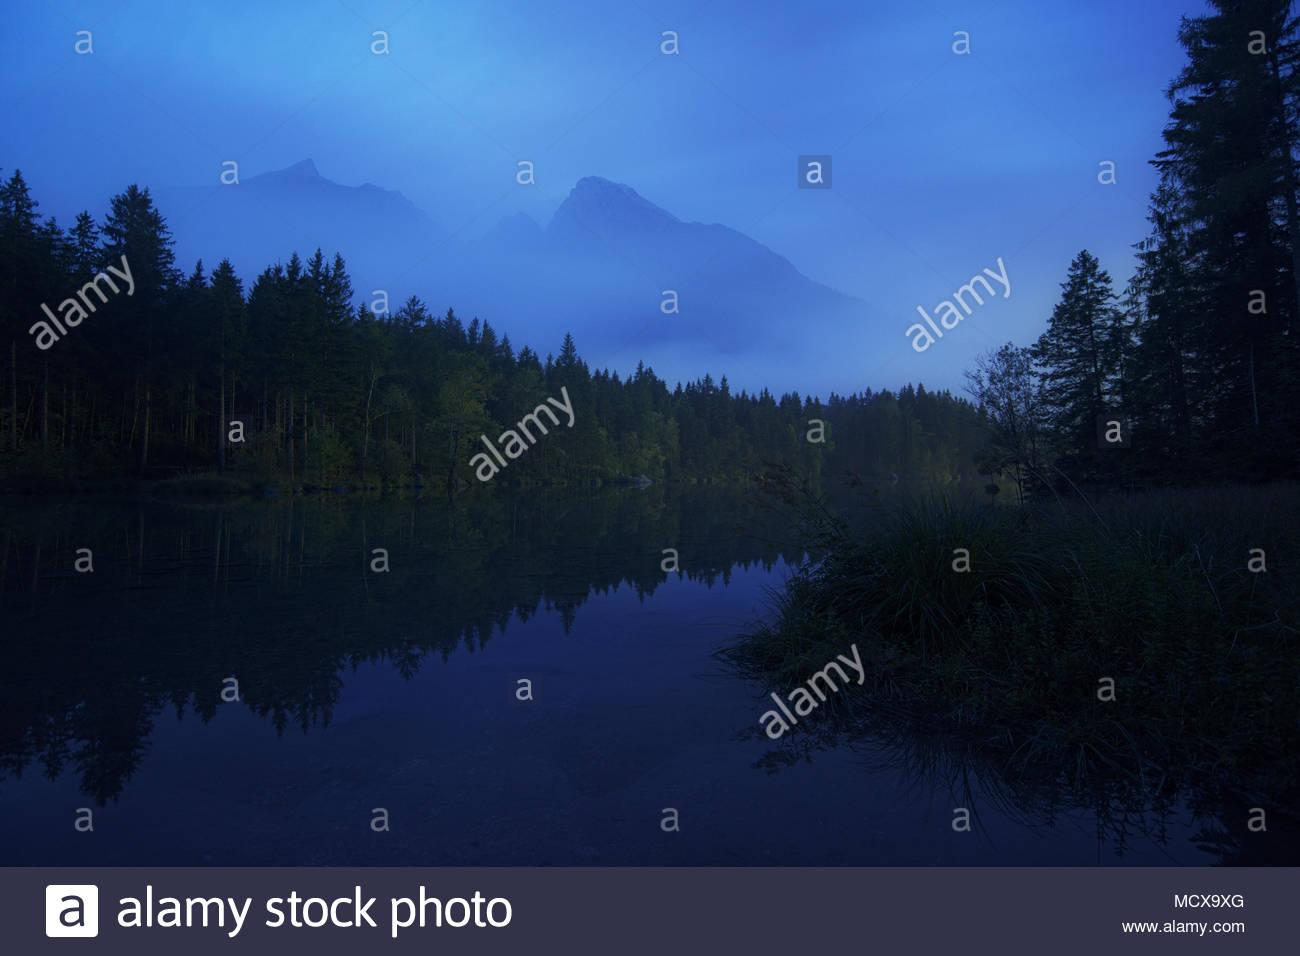 Hochkaltermassiv bei Blauer Stunde, Hintersee, Berchtesgaden, Bayern, Deutschland|Hochkalter massif at blue hour, Hintersee, Berchtesgaden, Bavaria, G - Stock Image